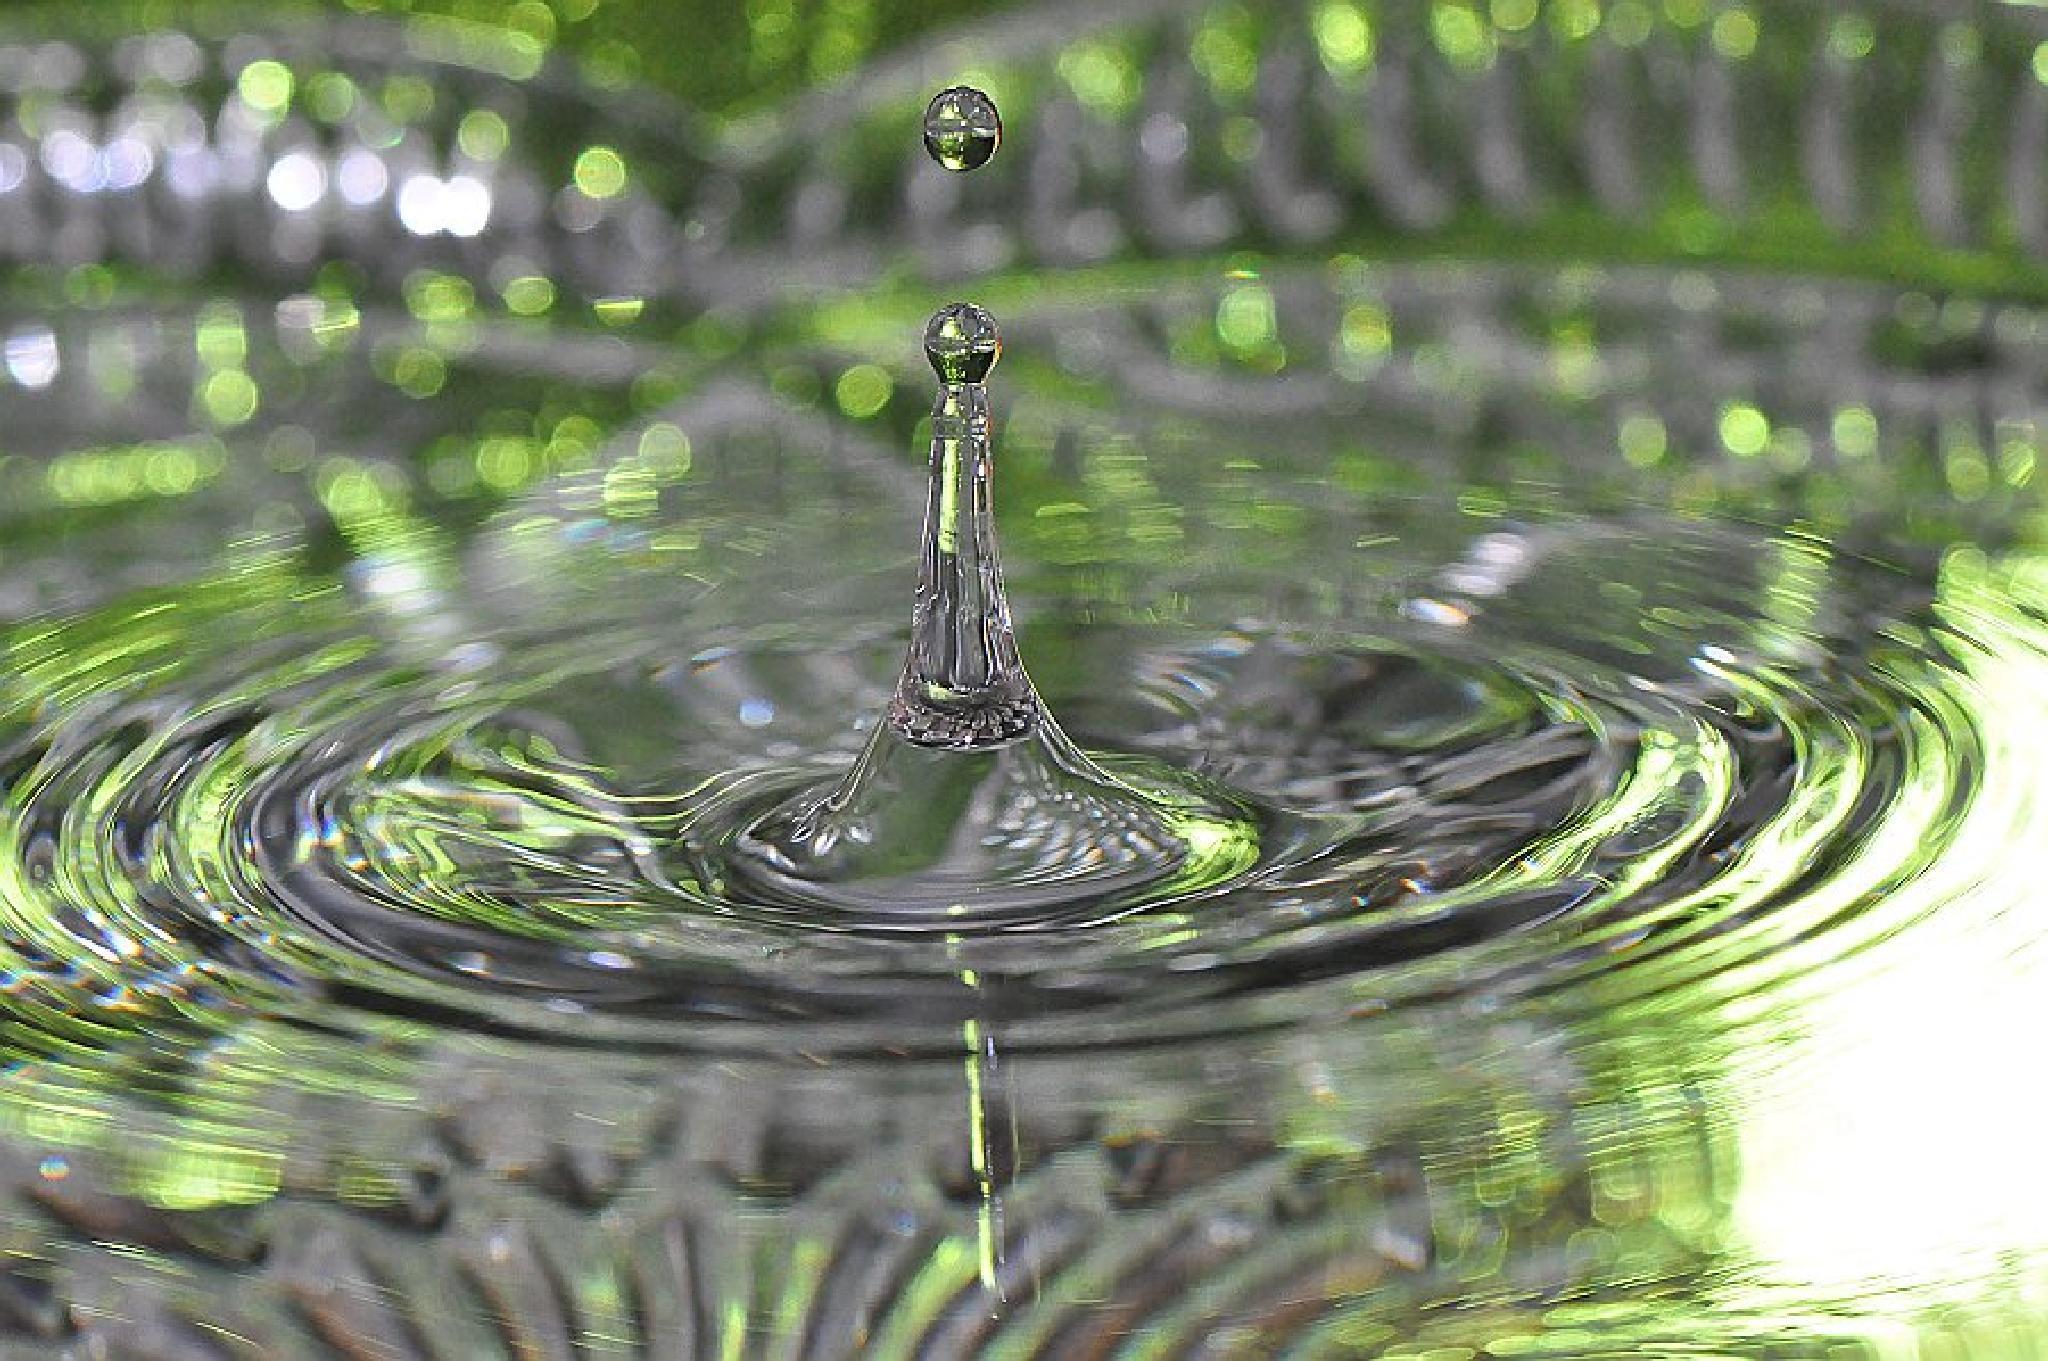 waterdrop 2 by paul wante